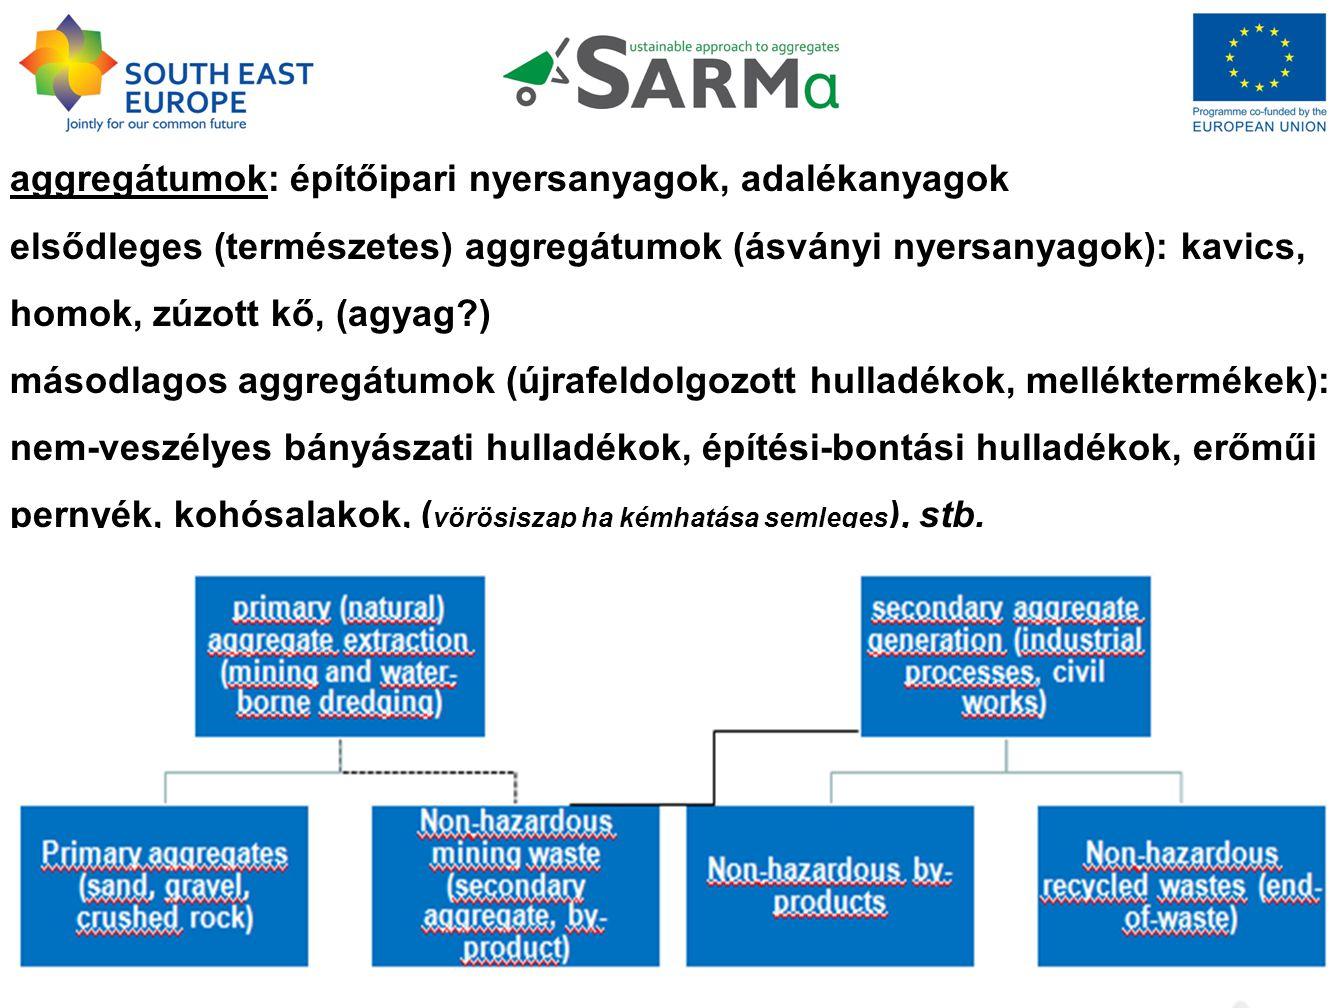 aggregátumok: építőipari nyersanyagok, adalékanyagok elsődleges (természetes) aggregátumok (ásványi nyersanyagok): kavics, homok, zúzott kő, (agyag ) másodlagos aggregátumok (újrafeldolgozott hulladékok, melléktermékek): nem-veszélyes bányászati hulladékok, építési-bontási hulladékok, erőműi pernyék, kohósalakok, ( vörösiszap ha kémhatása semleges ), stb.